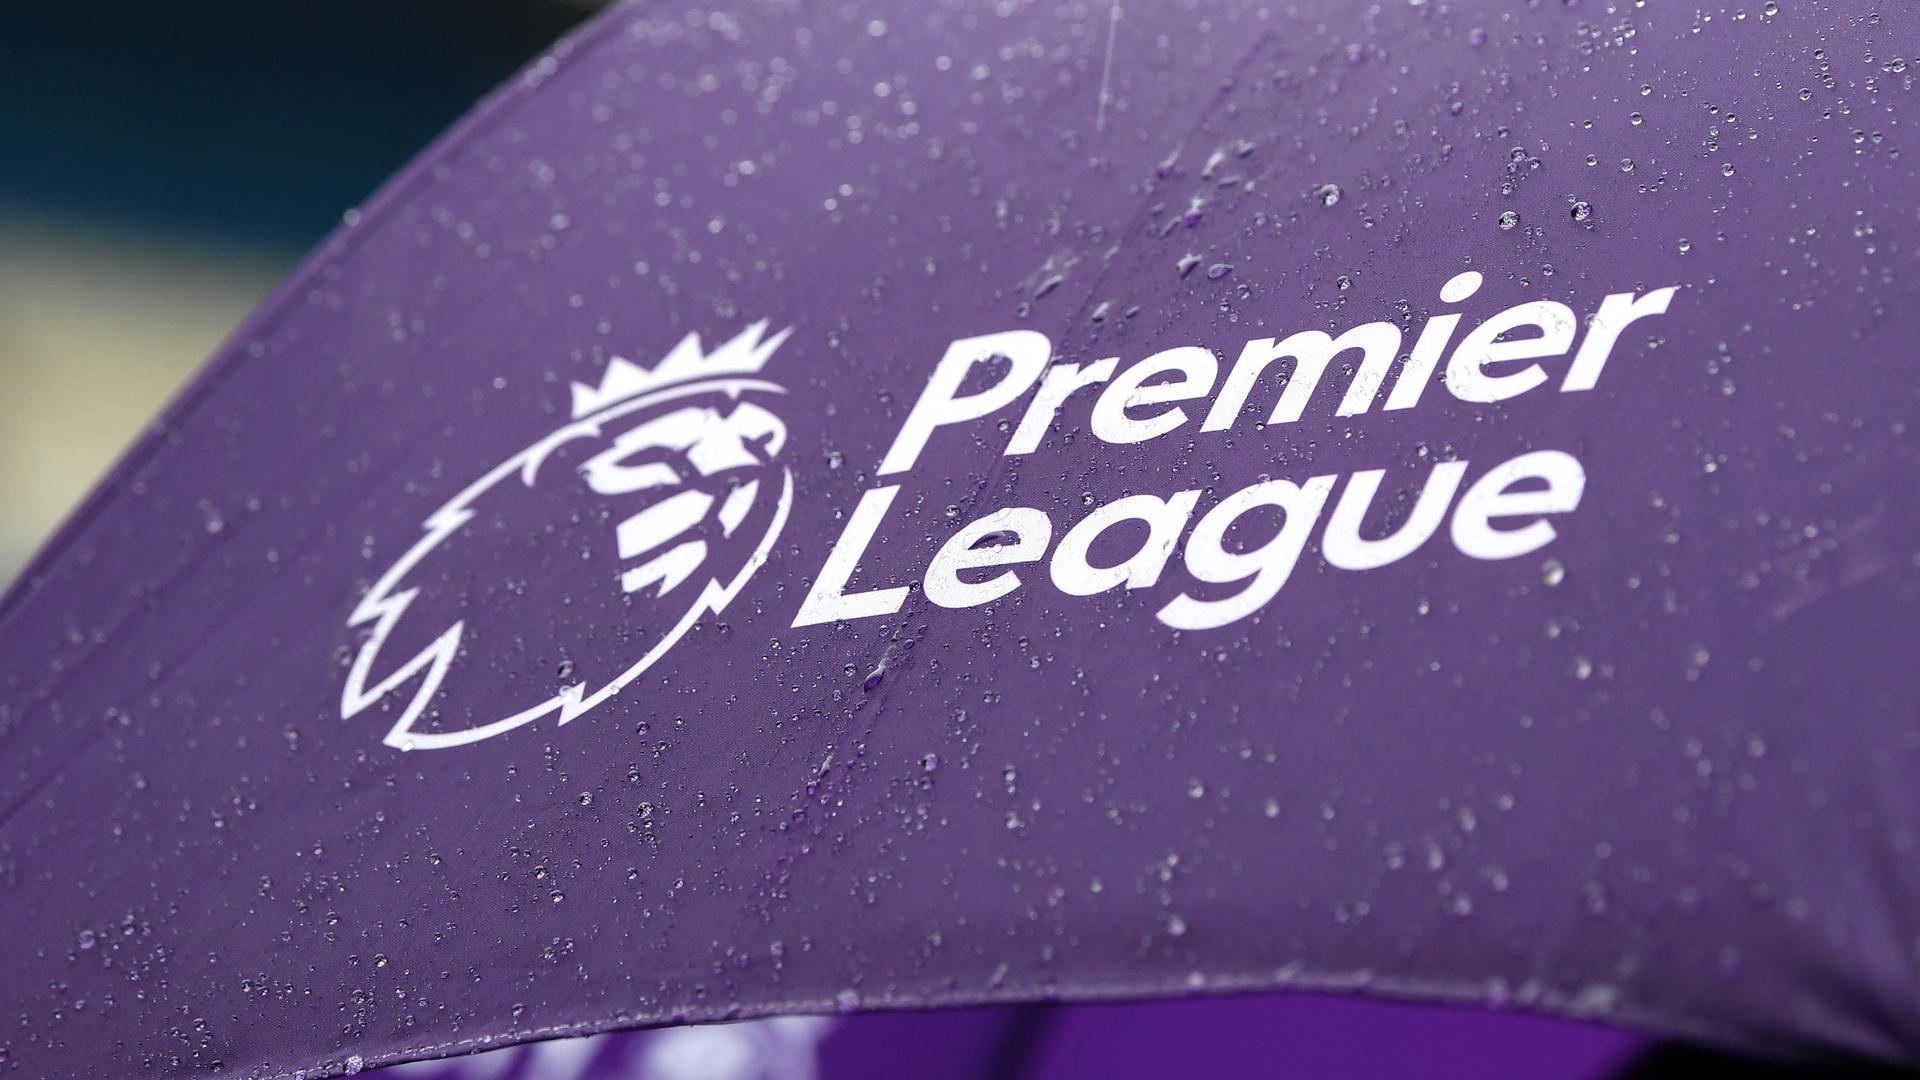 تأكيد موعد بداية الدوري الإنجليزي الممتاز 2020 21 موقع مانشستر يونايتد الرسمي